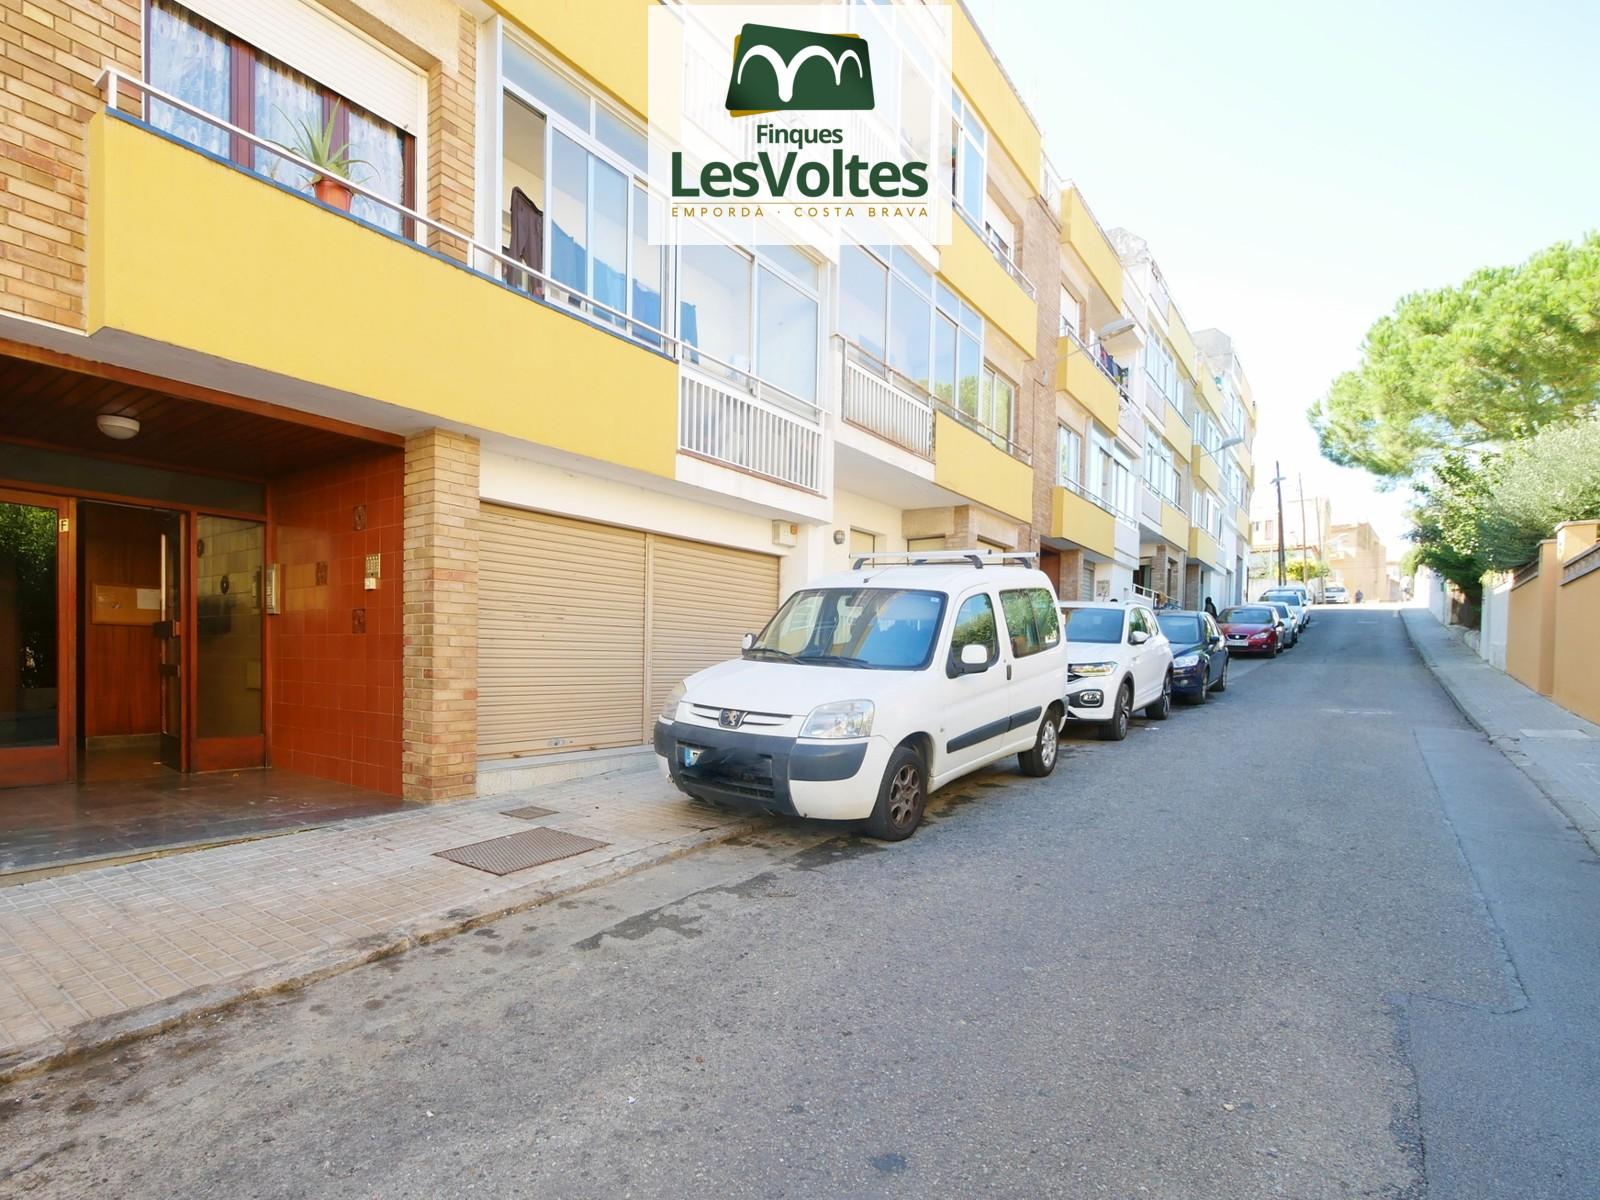 Local comercial en planta Bbaja en venta situado en zona residencial de Palafrugell.